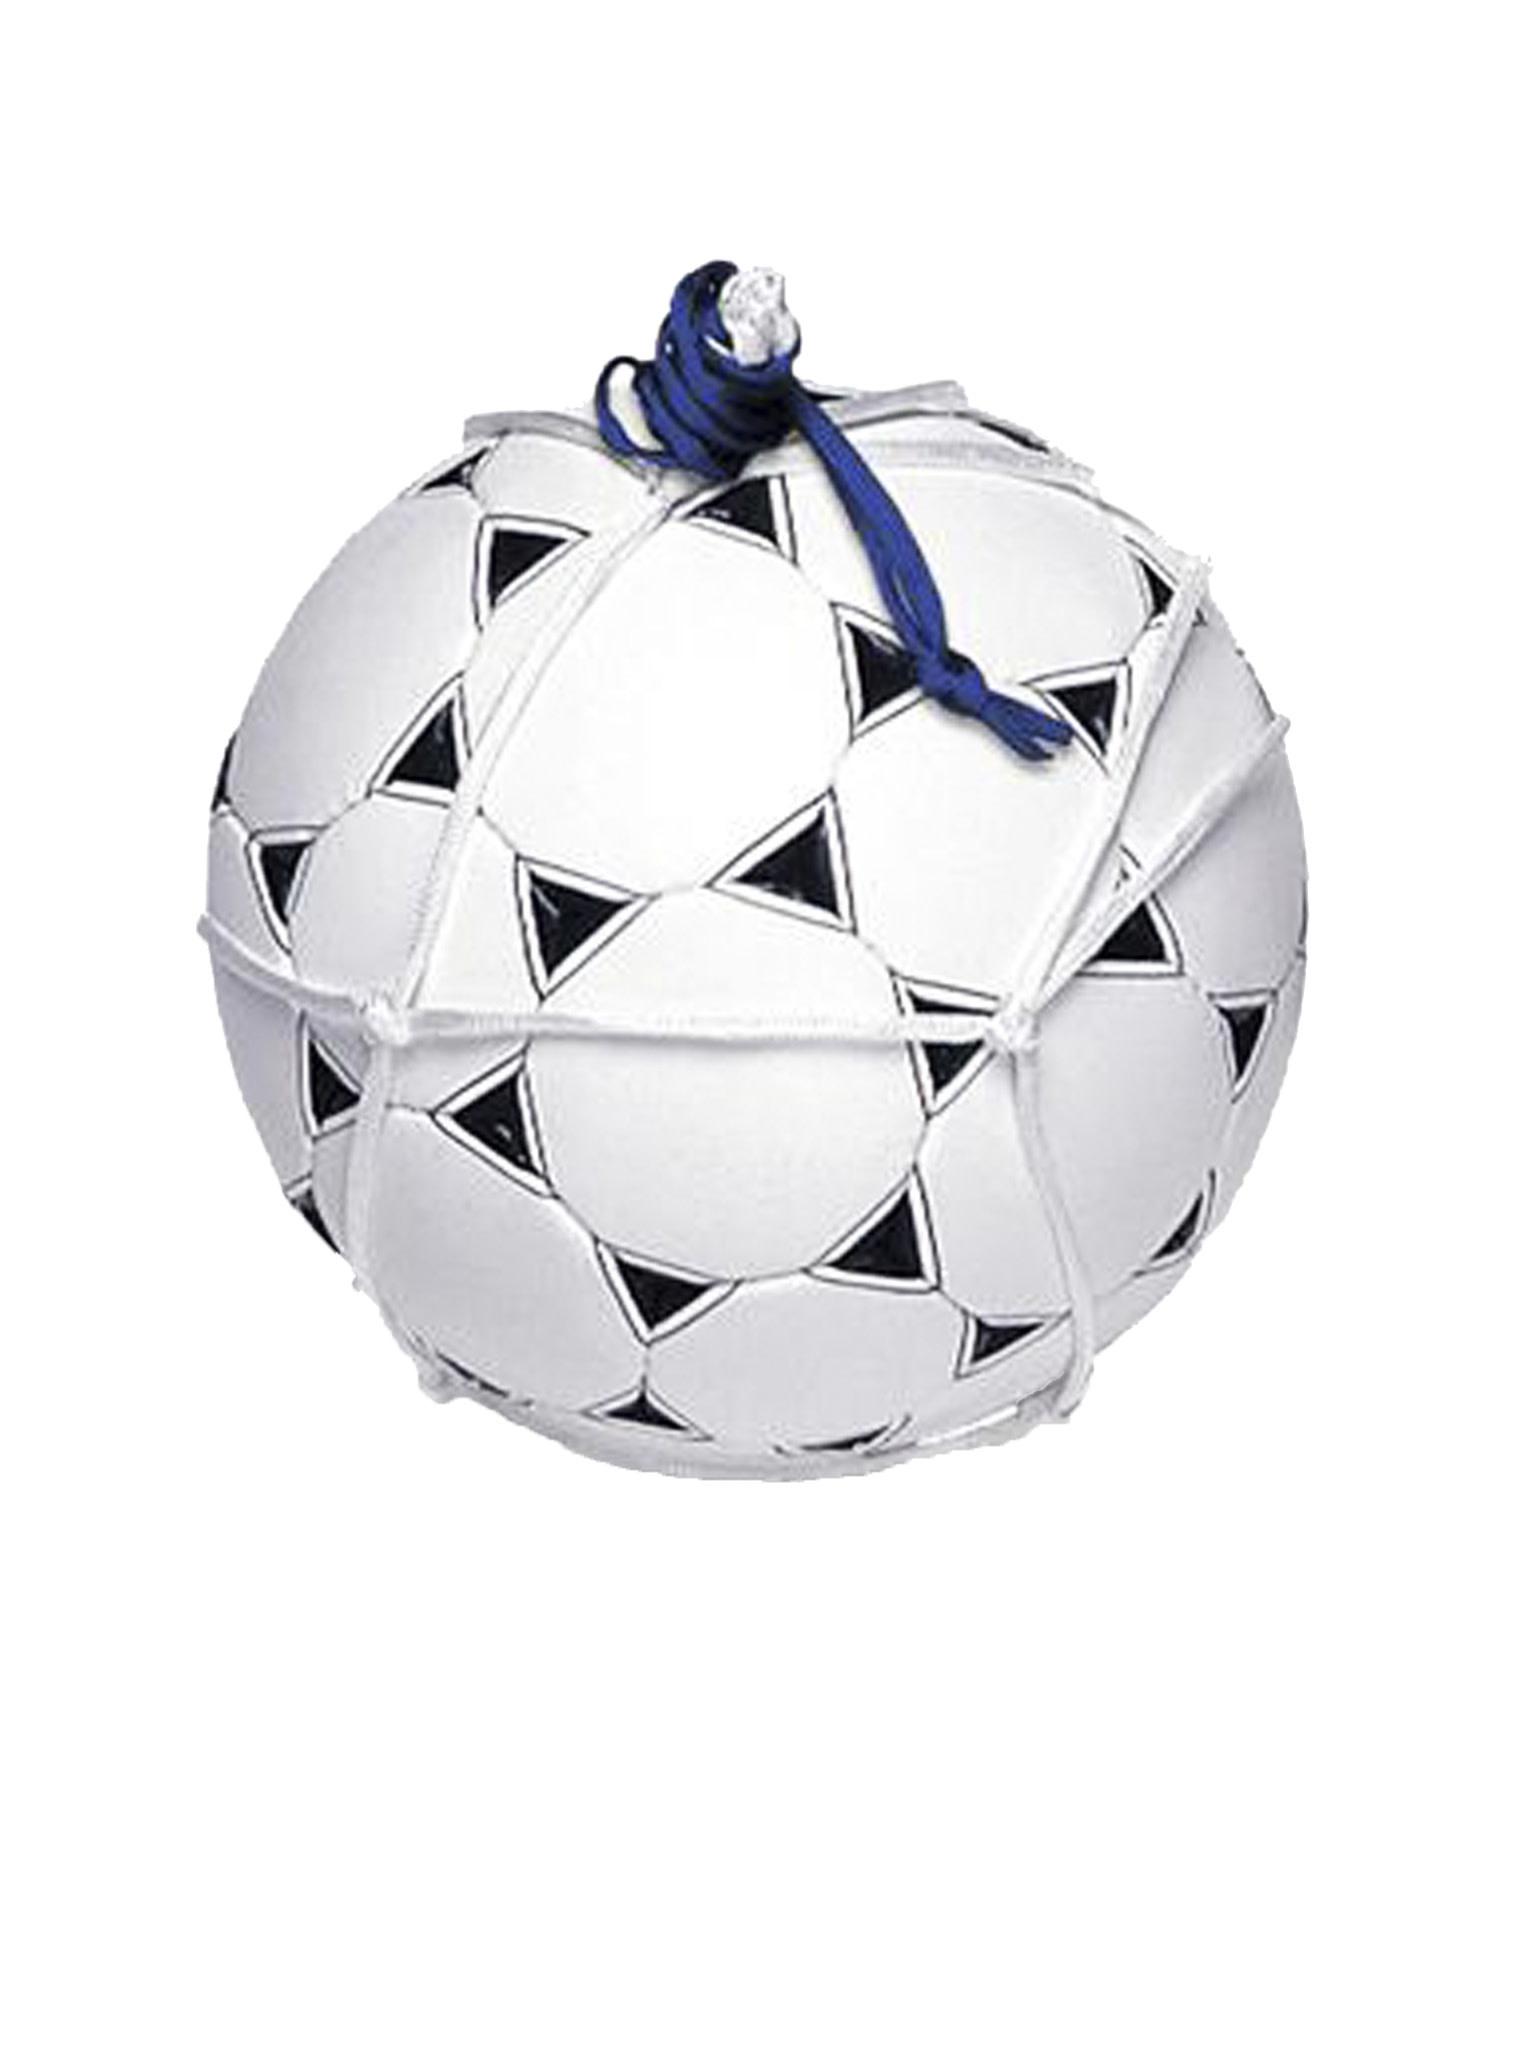 RUCANOR Ball Net